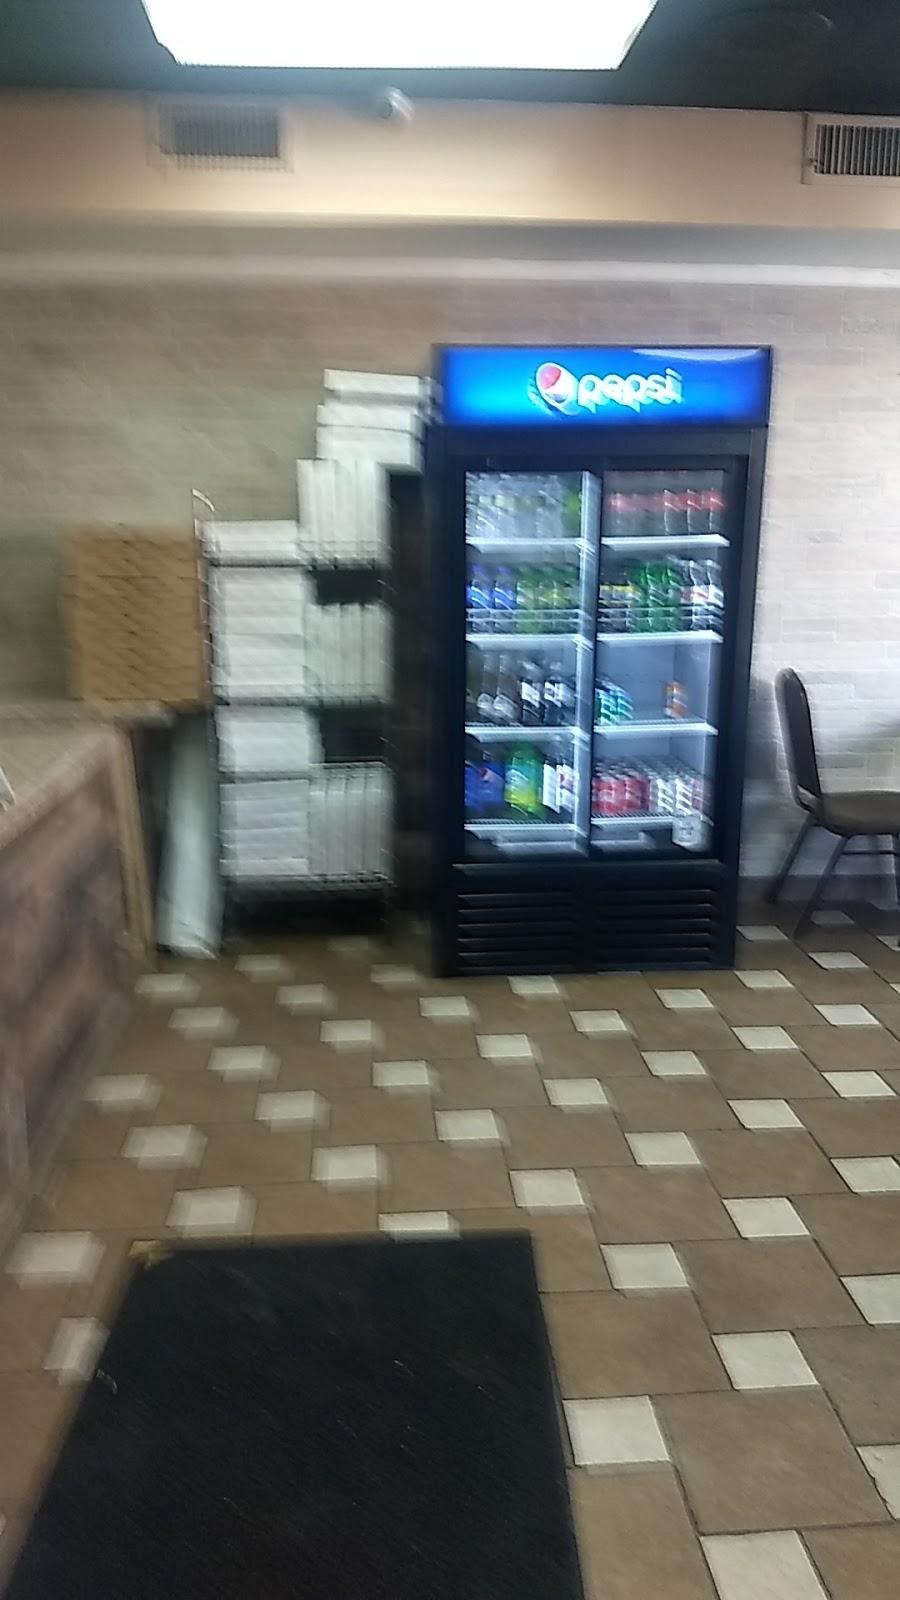 Pizza 4 U - meal delivery  | Photo 7 of 8 | Address: 129 Boonton Turnpike, Wayne, NJ 07470, USA | Phone: (973) 832-7000